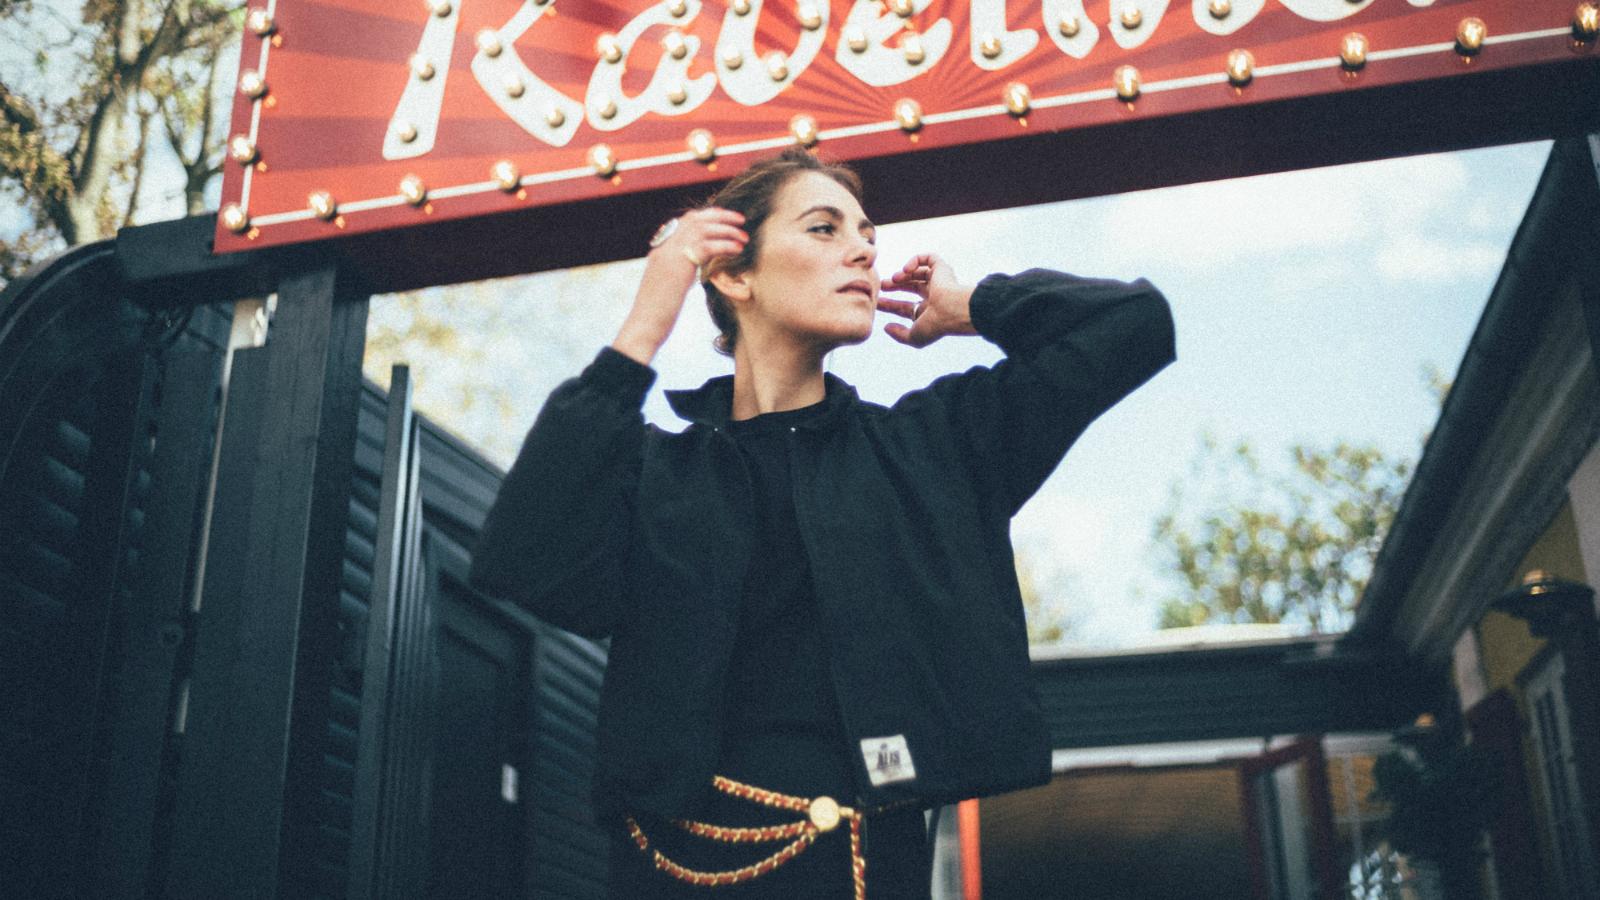 Stjerneskuddet Victoria Carmen Sonne: »Det kan også godt være, at jeg har en rigtig stor hemmelighed«